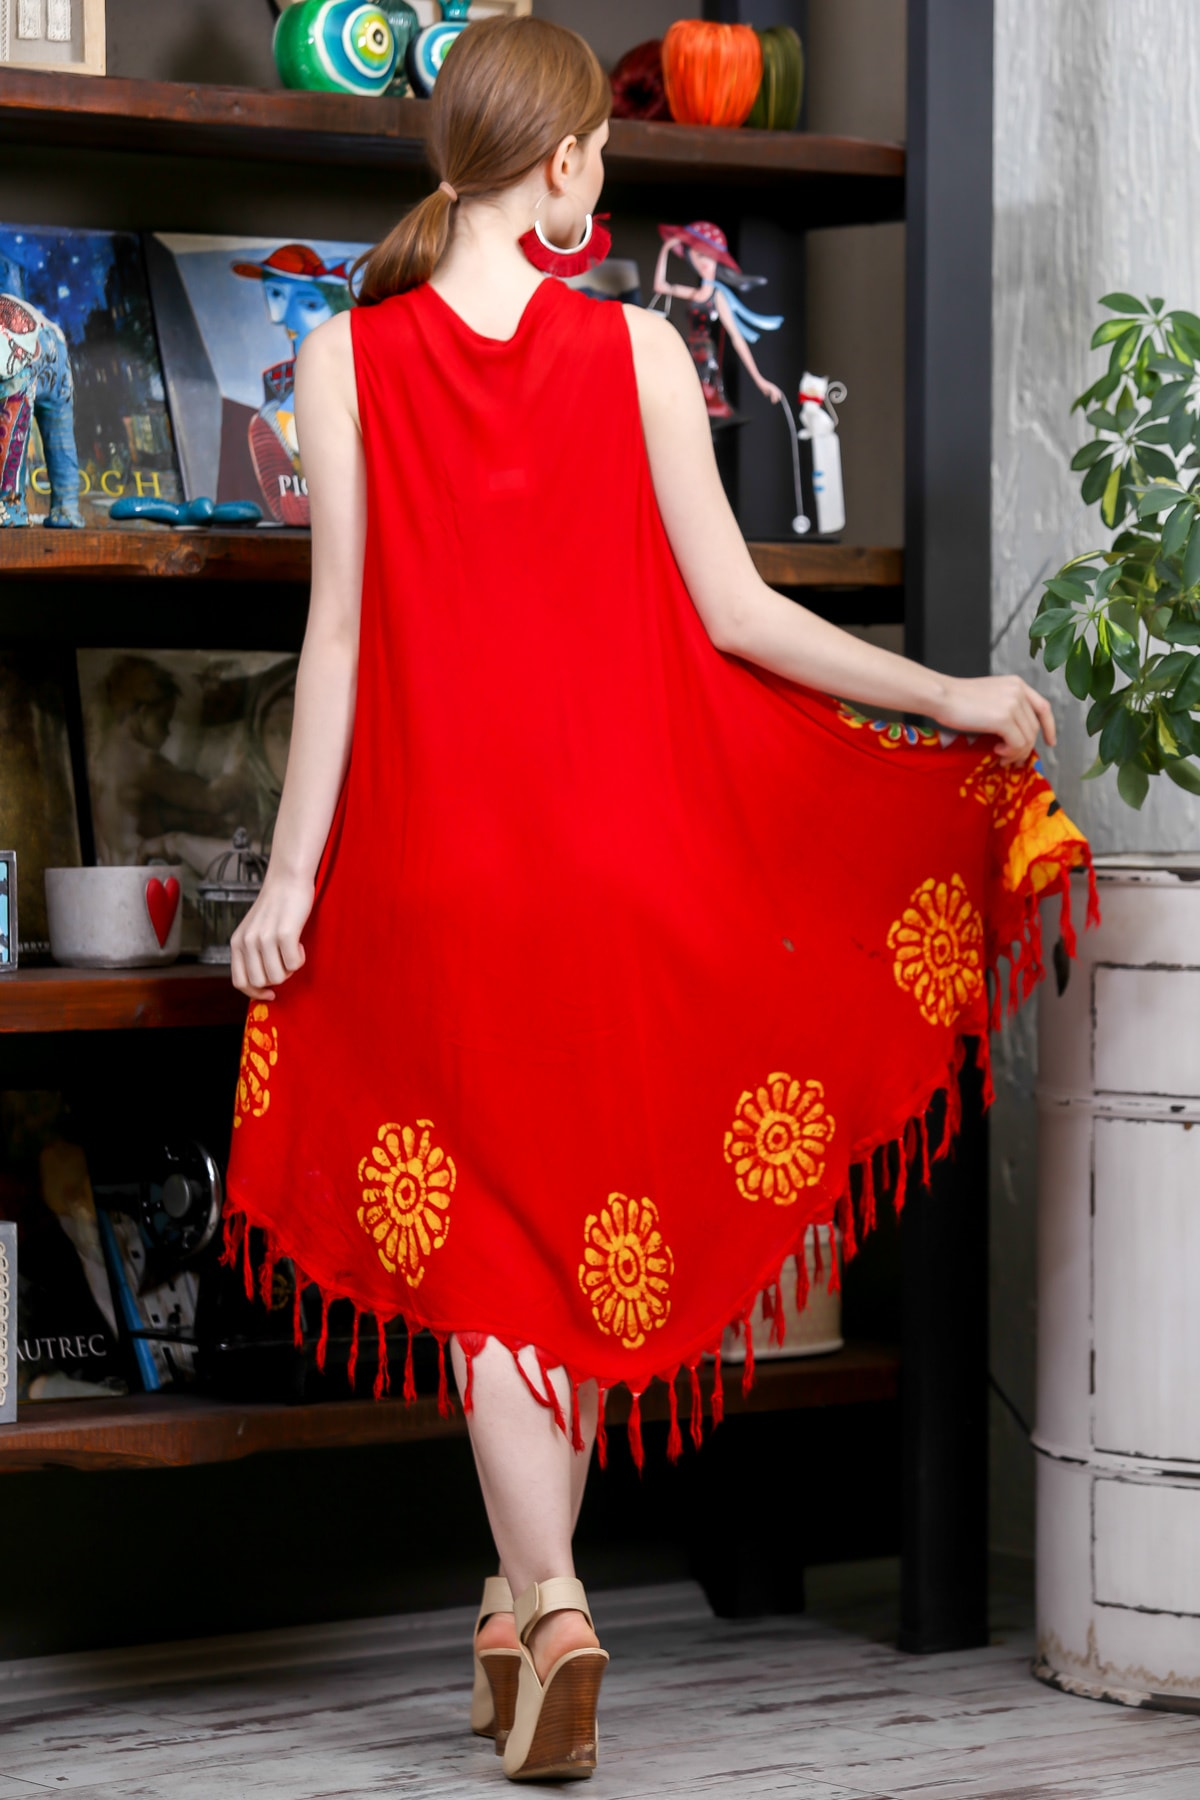 Chiccy Kadın Kiremit Batik Yakası Ve Etek Ucu Çiçek Desenli Salaş Dokuma Elbise M10160000EL95137 3